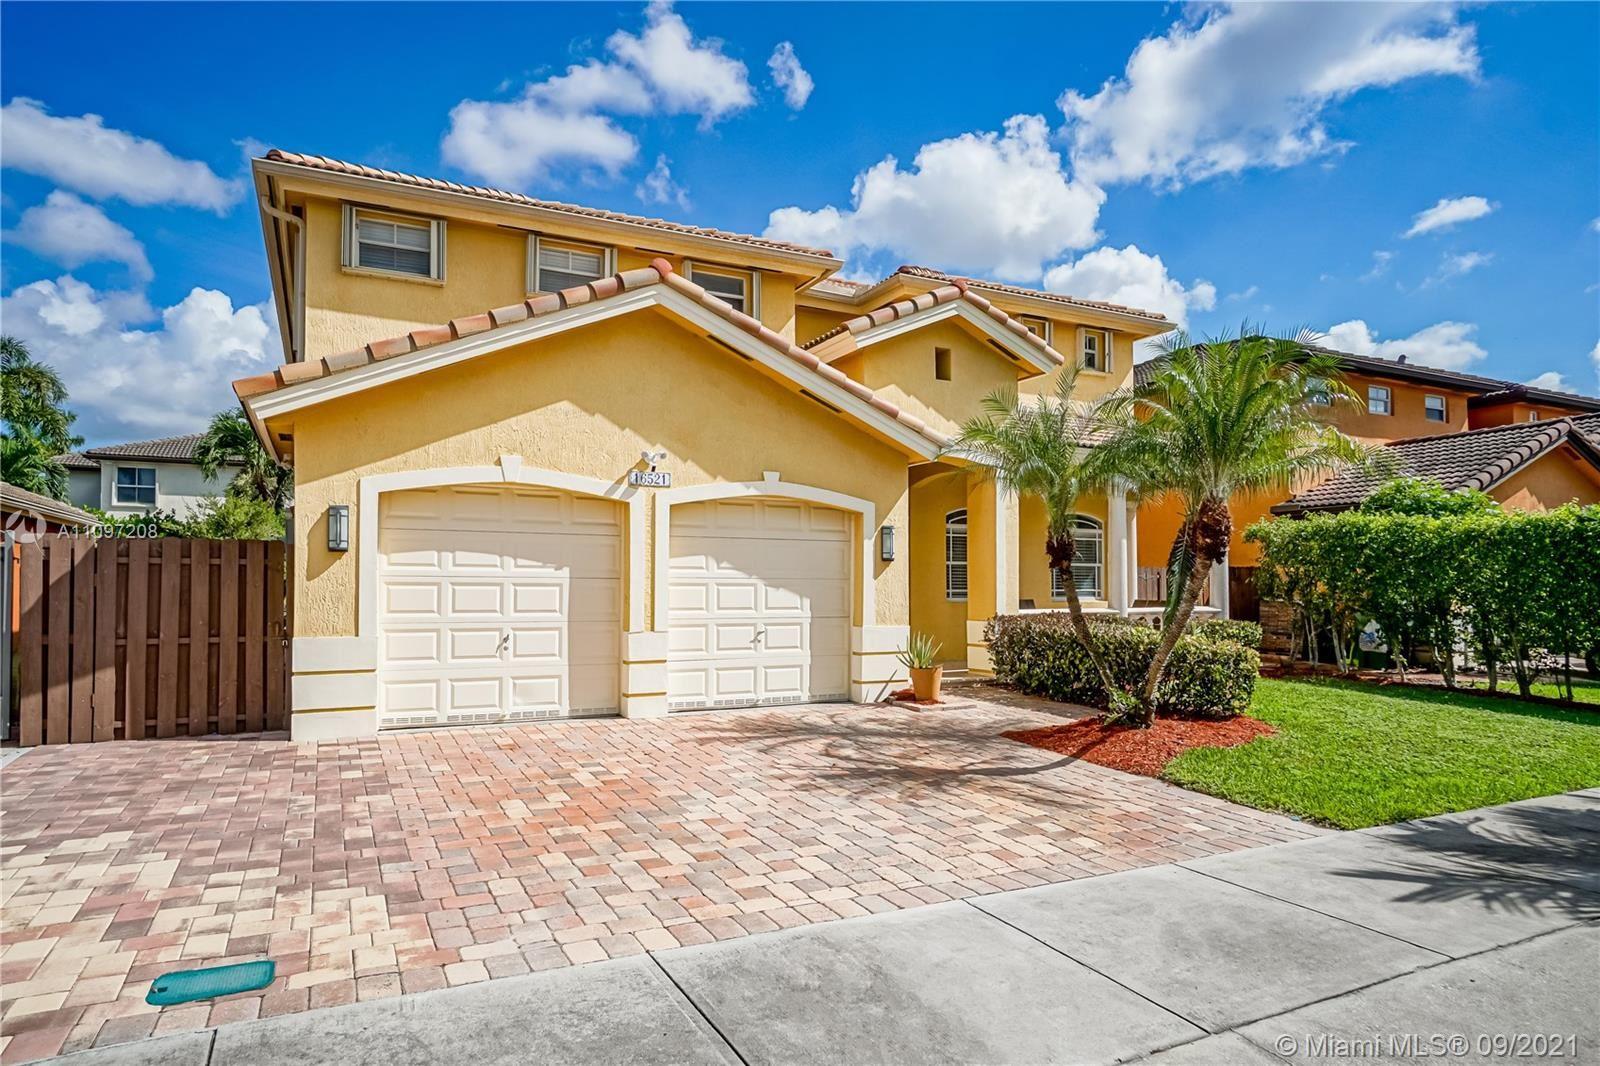 16521 SW 60th Ter, Miami, FL 33193 - #: A11097208